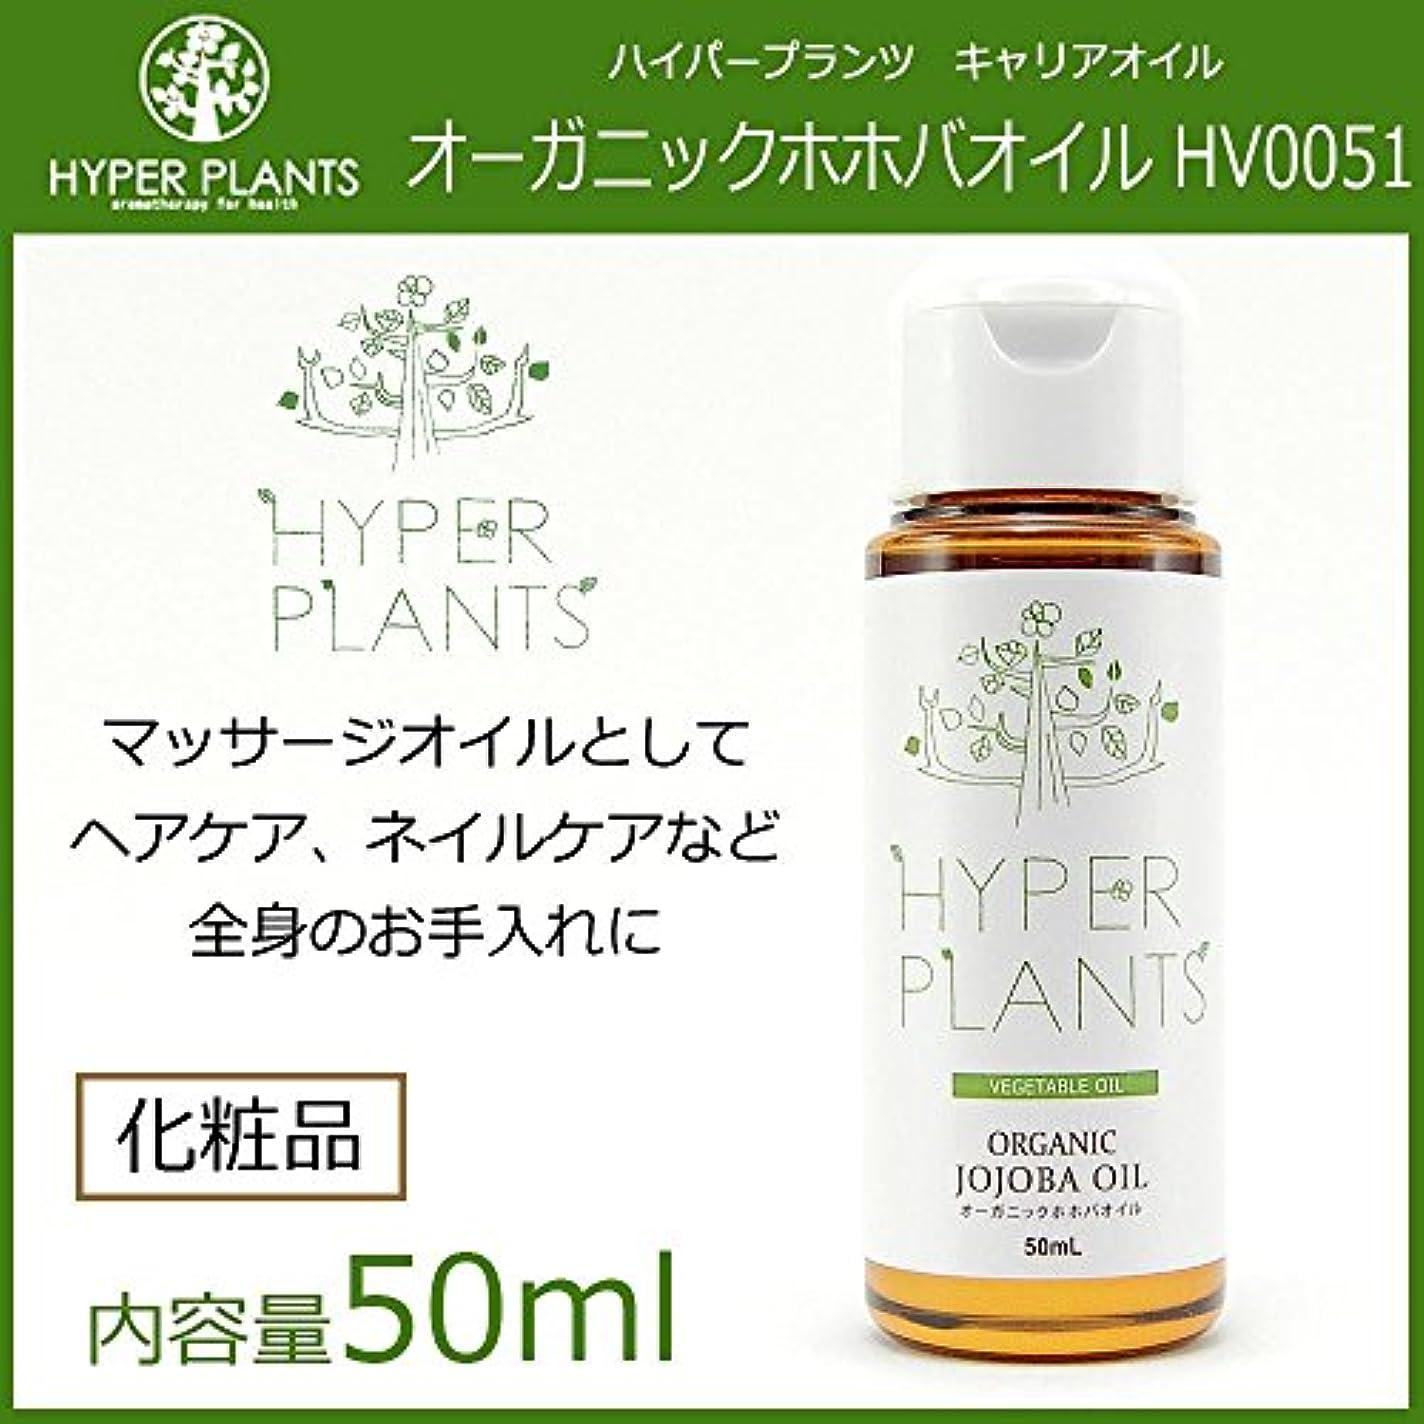 デザート前部講義HYPER PLANTS ハイパープランツ キャリアオイル オーガニックホホバオイル 50ml HV0051